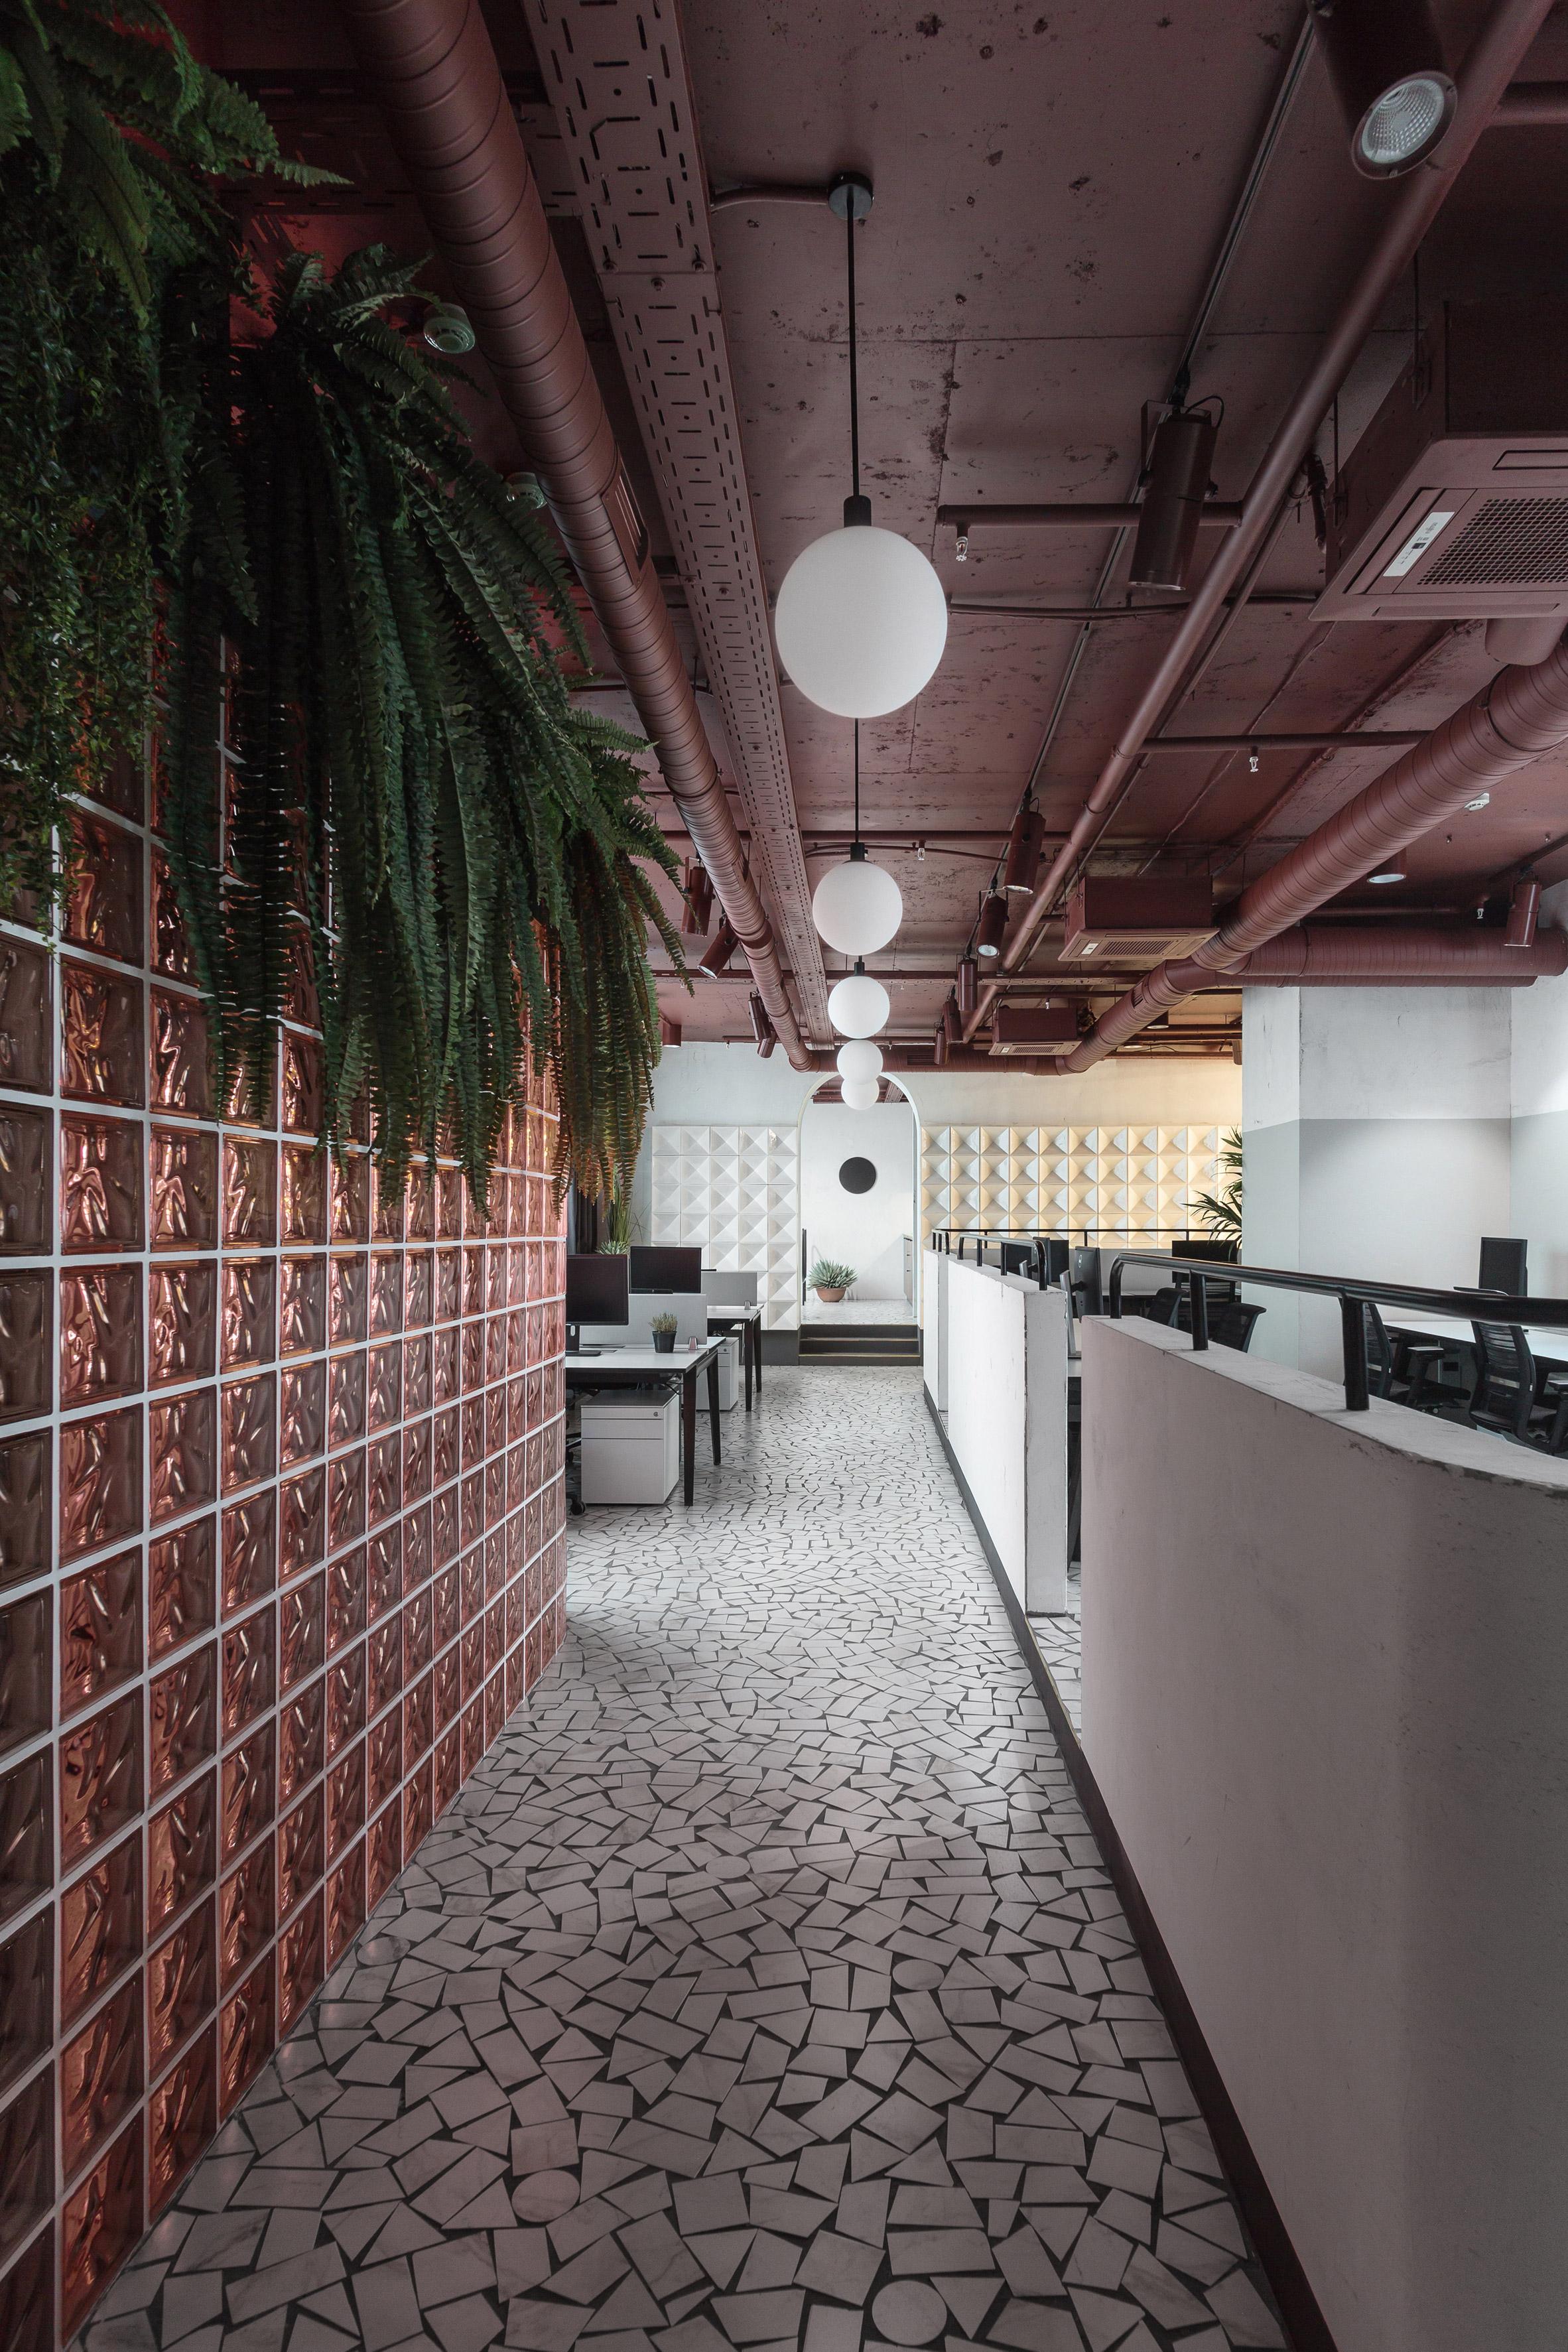 Благодаря панорамному остеклению вофисе много естественного света, поэтому яркий цвет потолка инесущих конструкций не«съедает» пространство